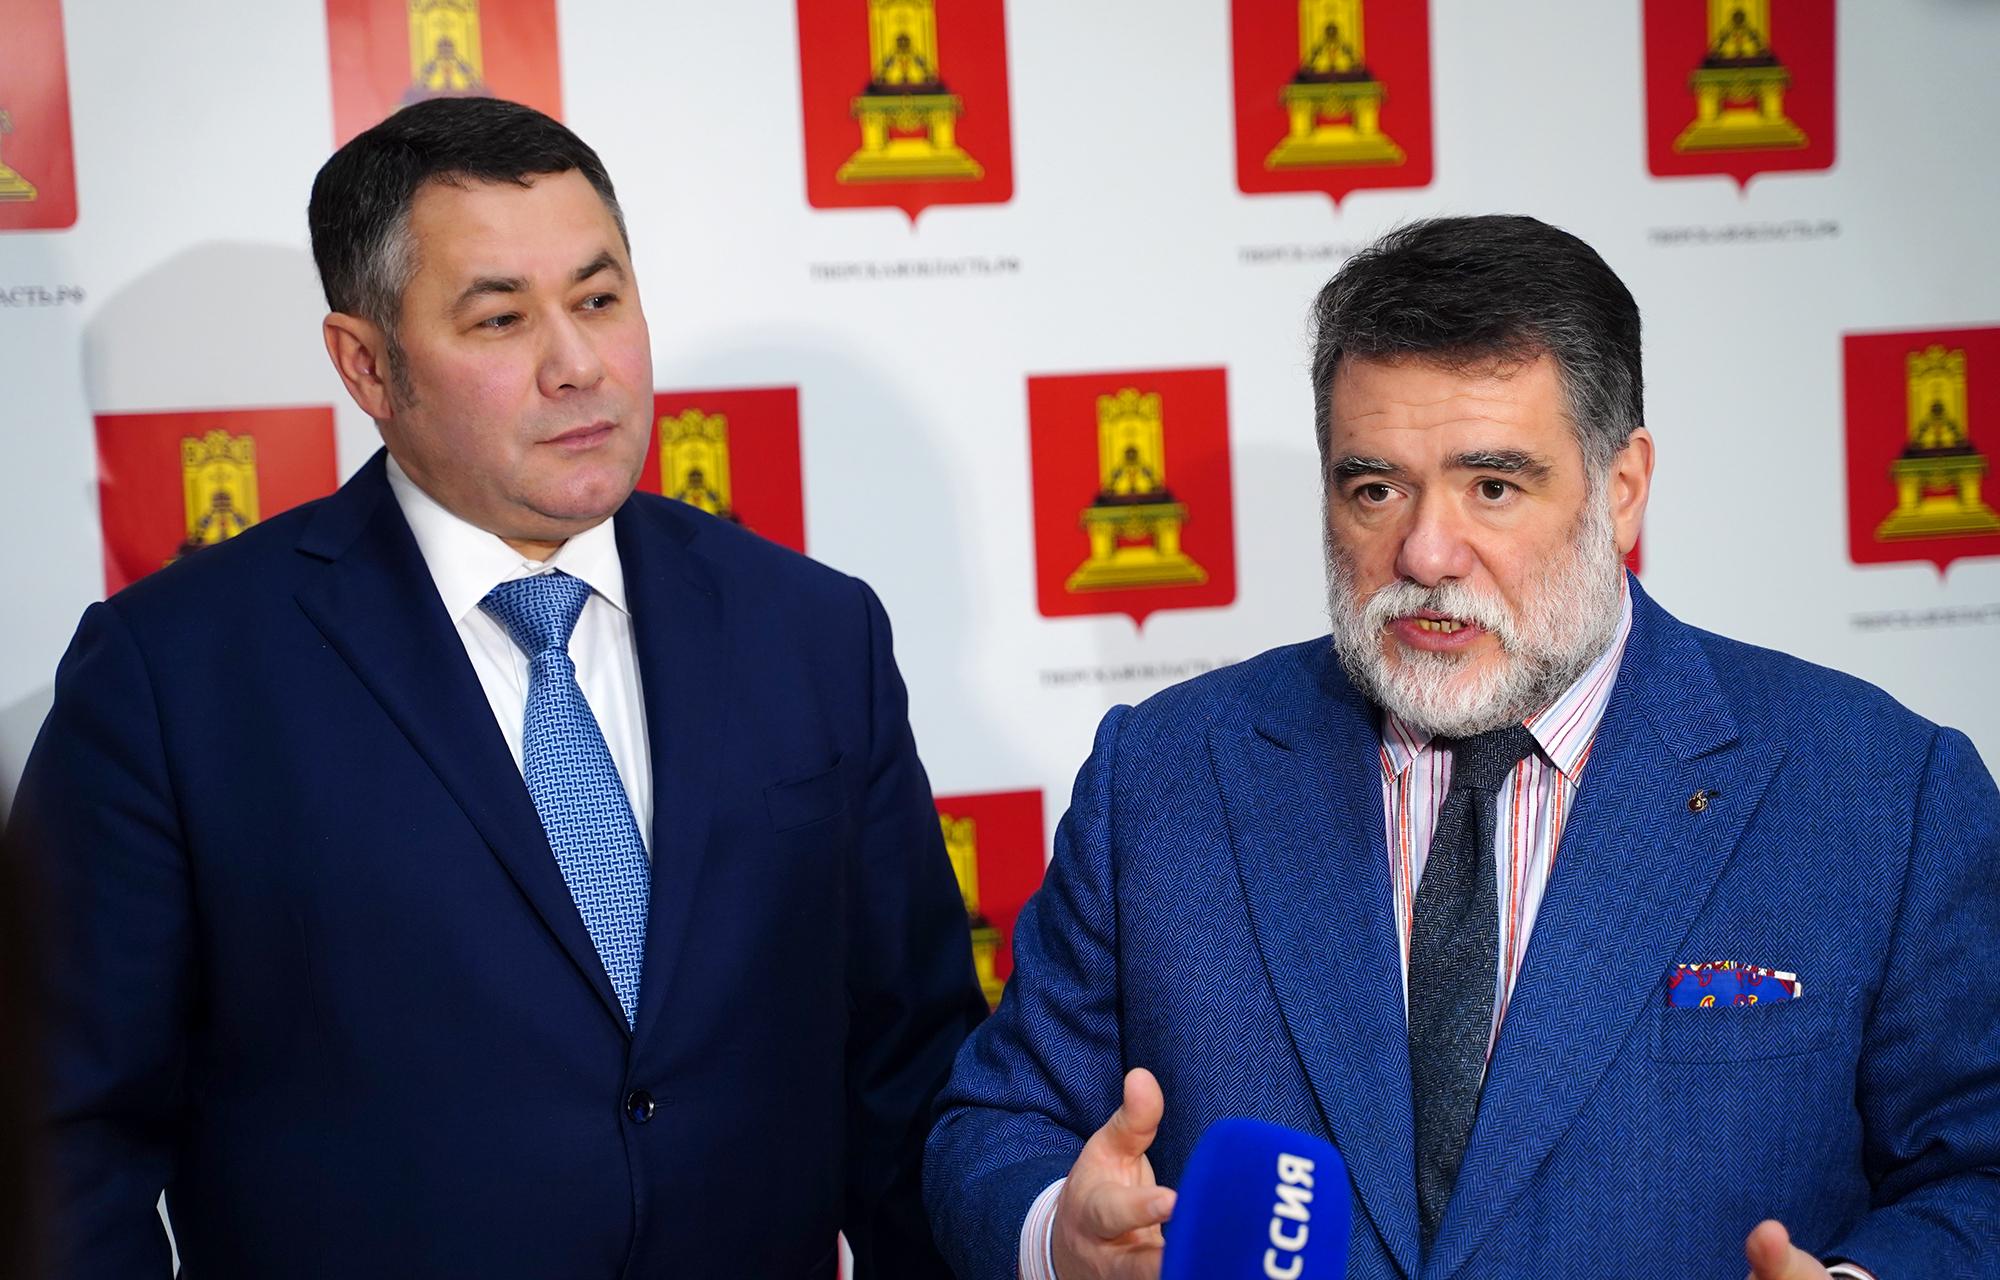 Компания Bosco di Ciliegi разместит новый торговый комплекс в Тверской области